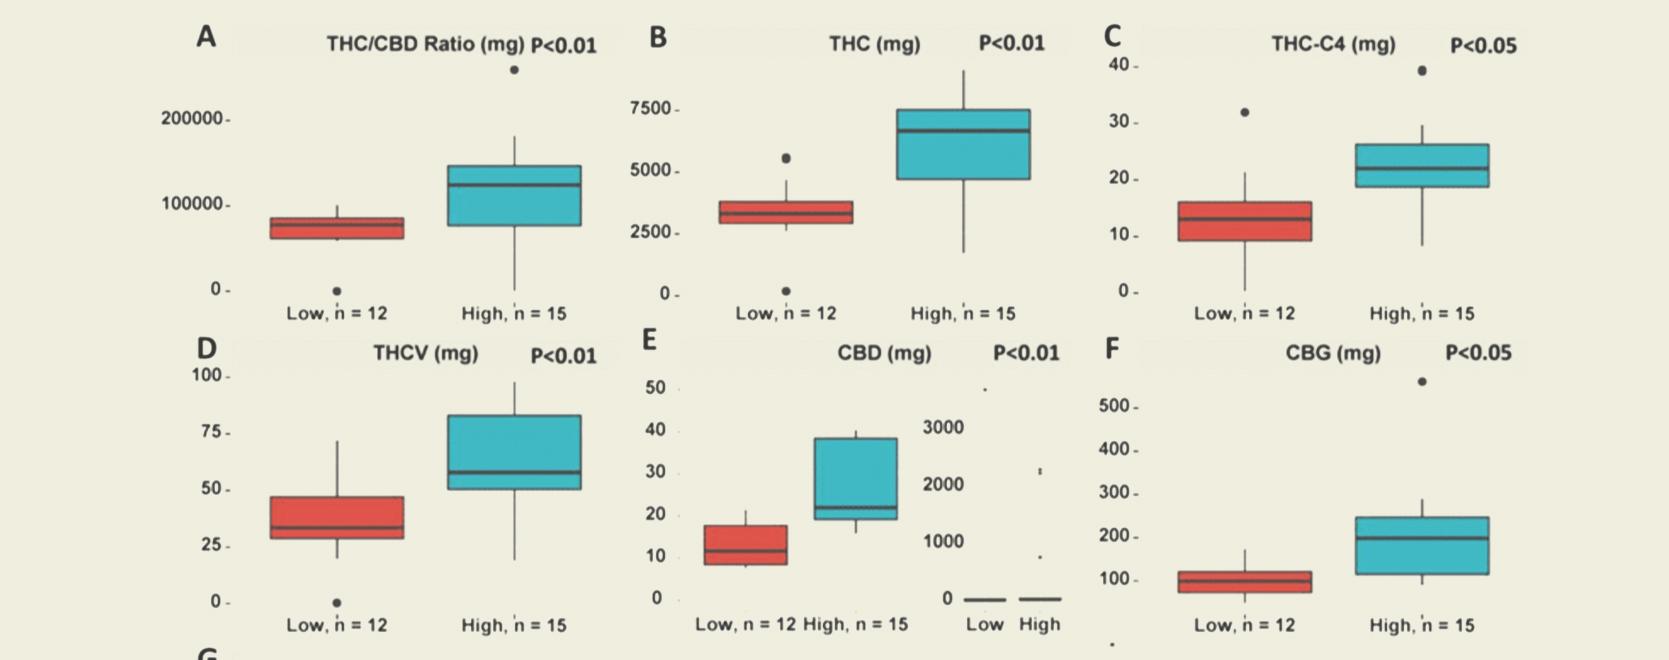 L'émergence des Cannabinoïdes Actifs Totaux (TAC) et les implications pour le consommateur